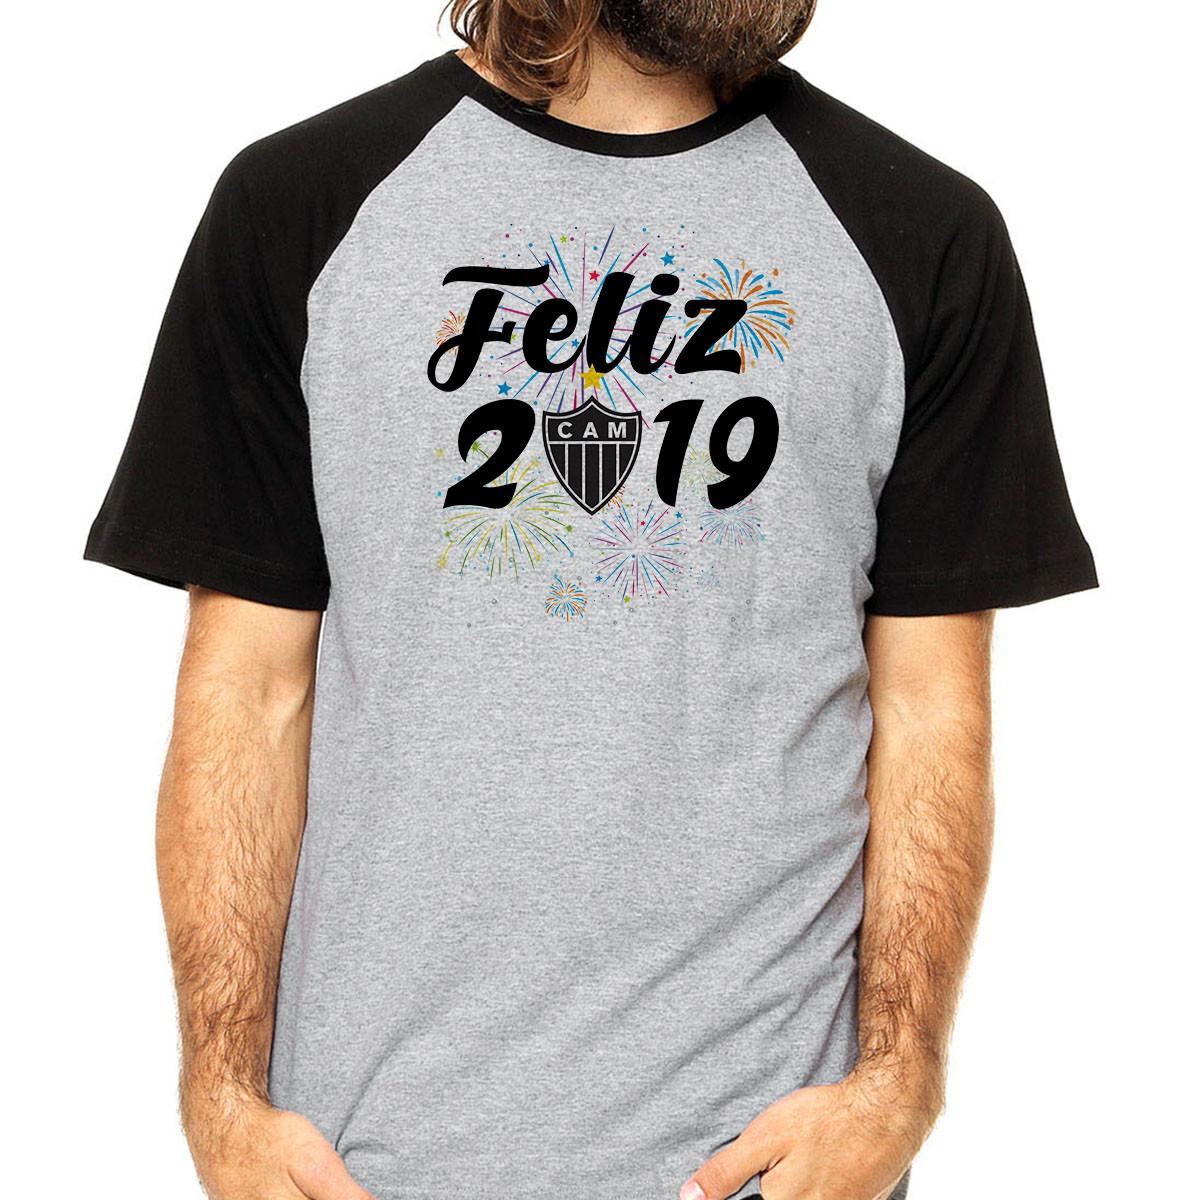 5338c898ee Camiseta Feliz 2019 Atlético Mineiro Time de Futebol 2019 no Elo7 ...